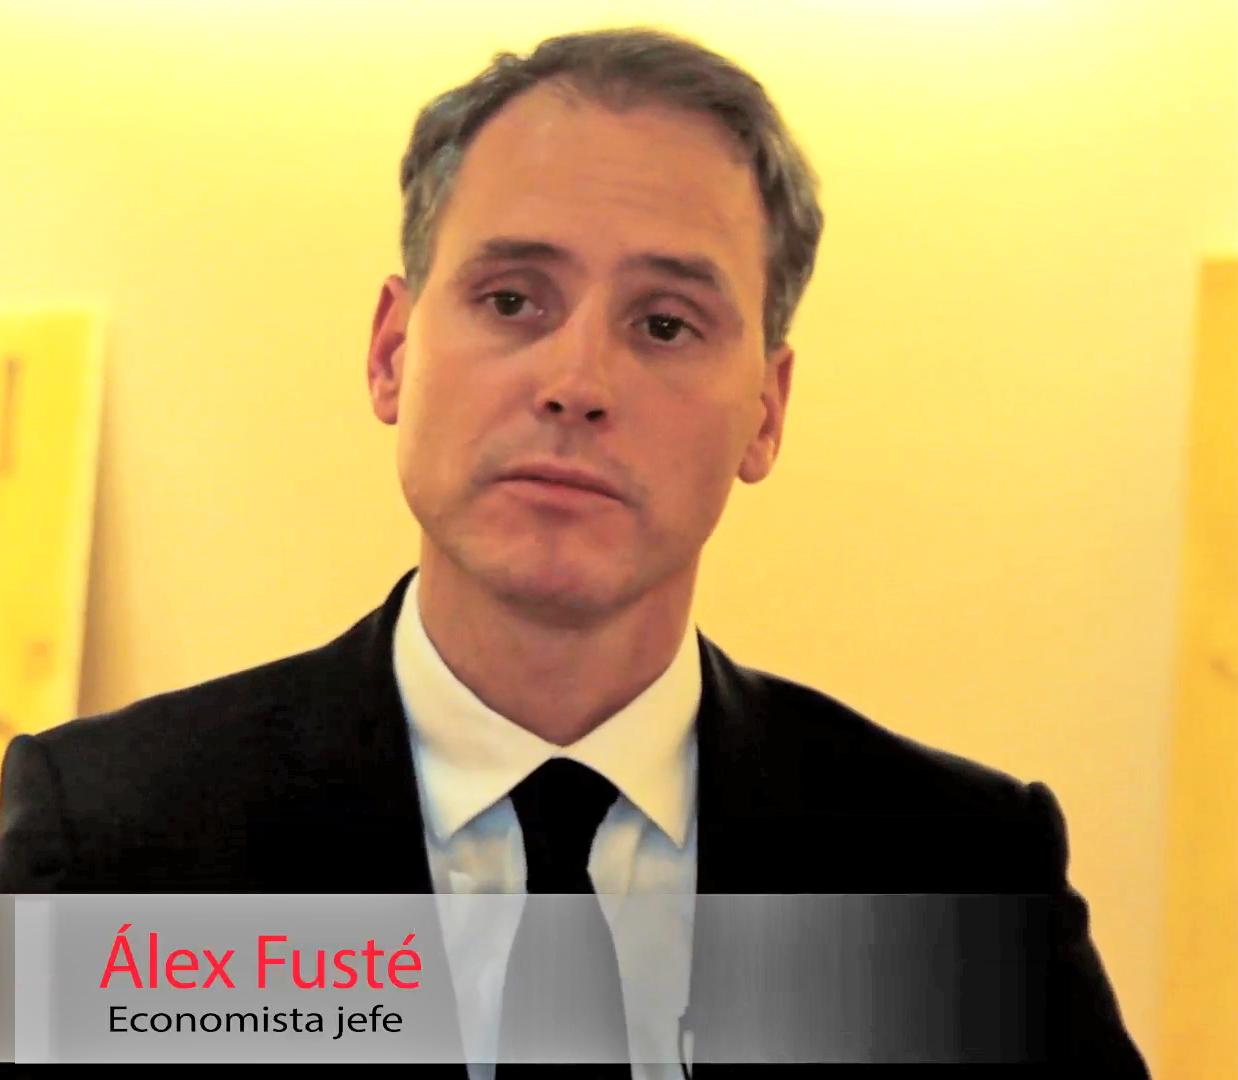 """Alex Fusté: """"¿Para el mercado heleno? No esperen nada bueno hasta las elecciones"""""""